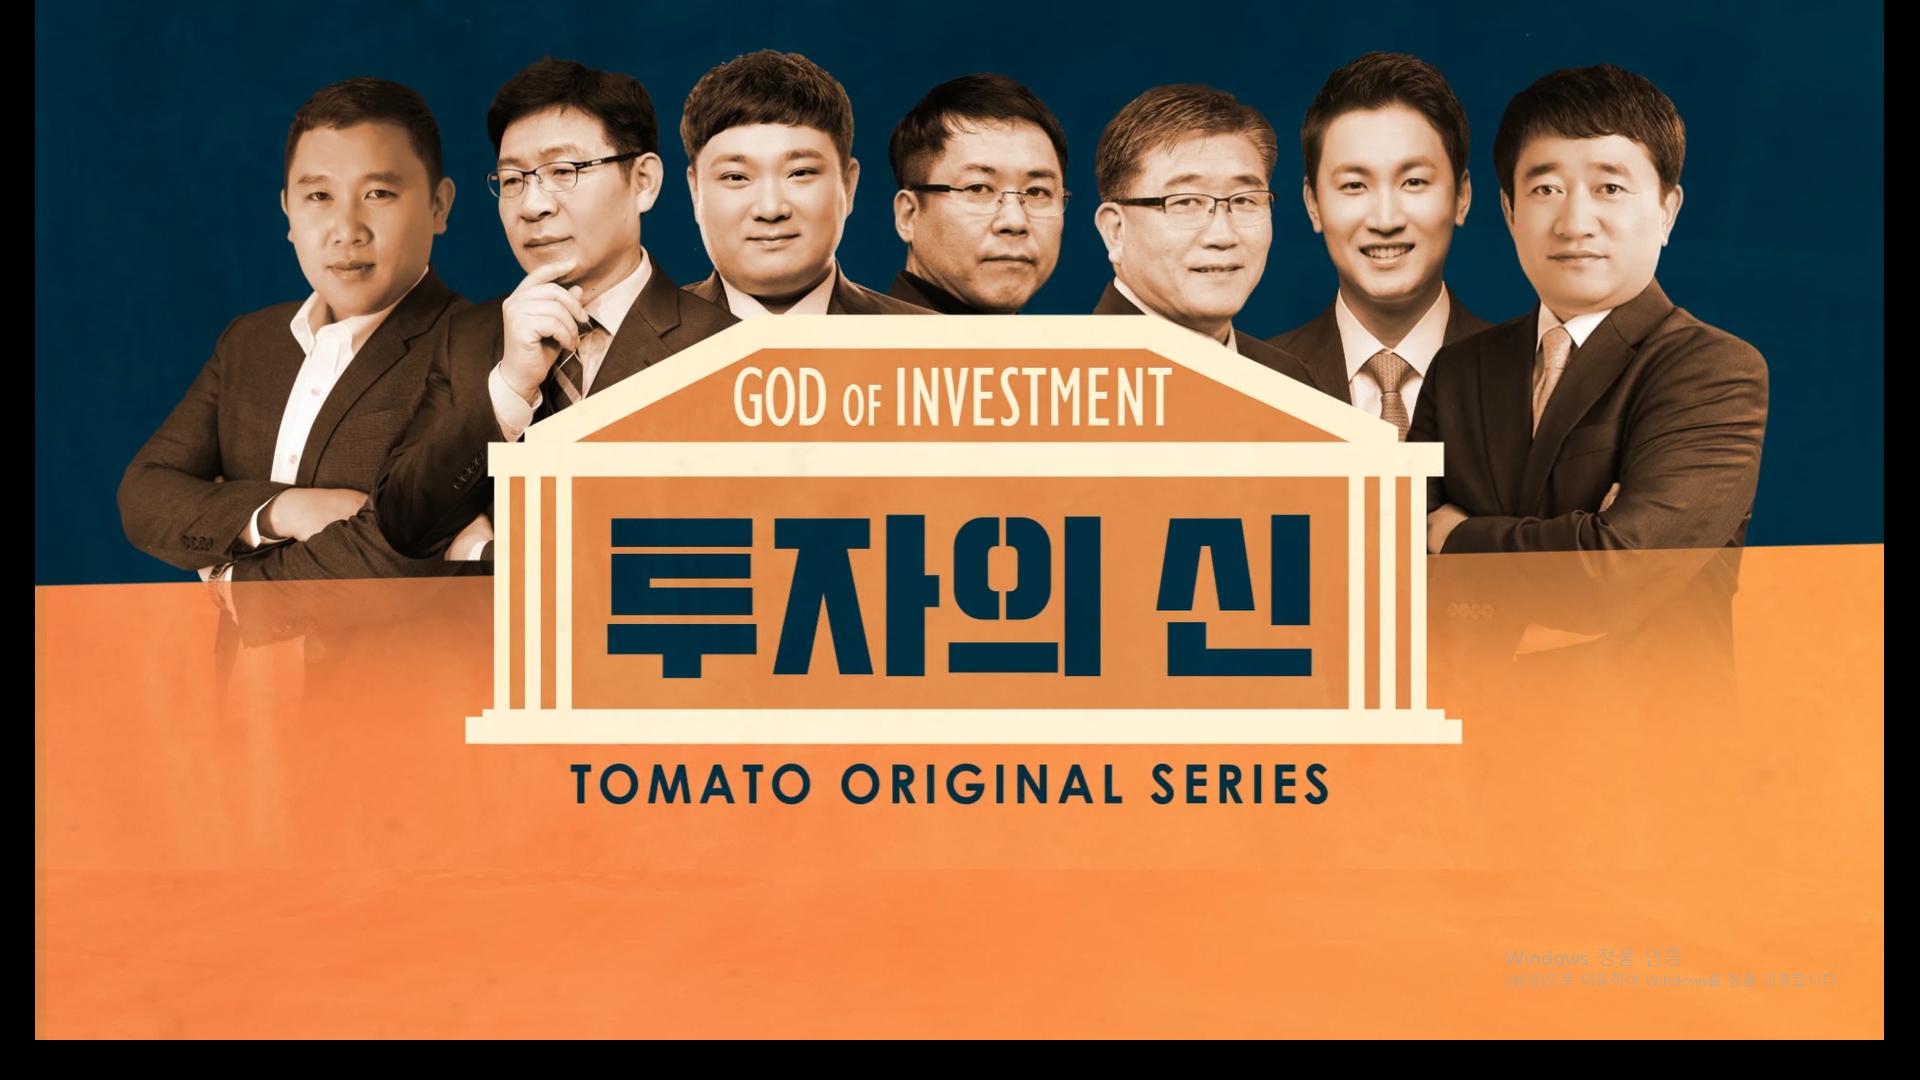 투자의 신, 토마토 오리지널 시리즈